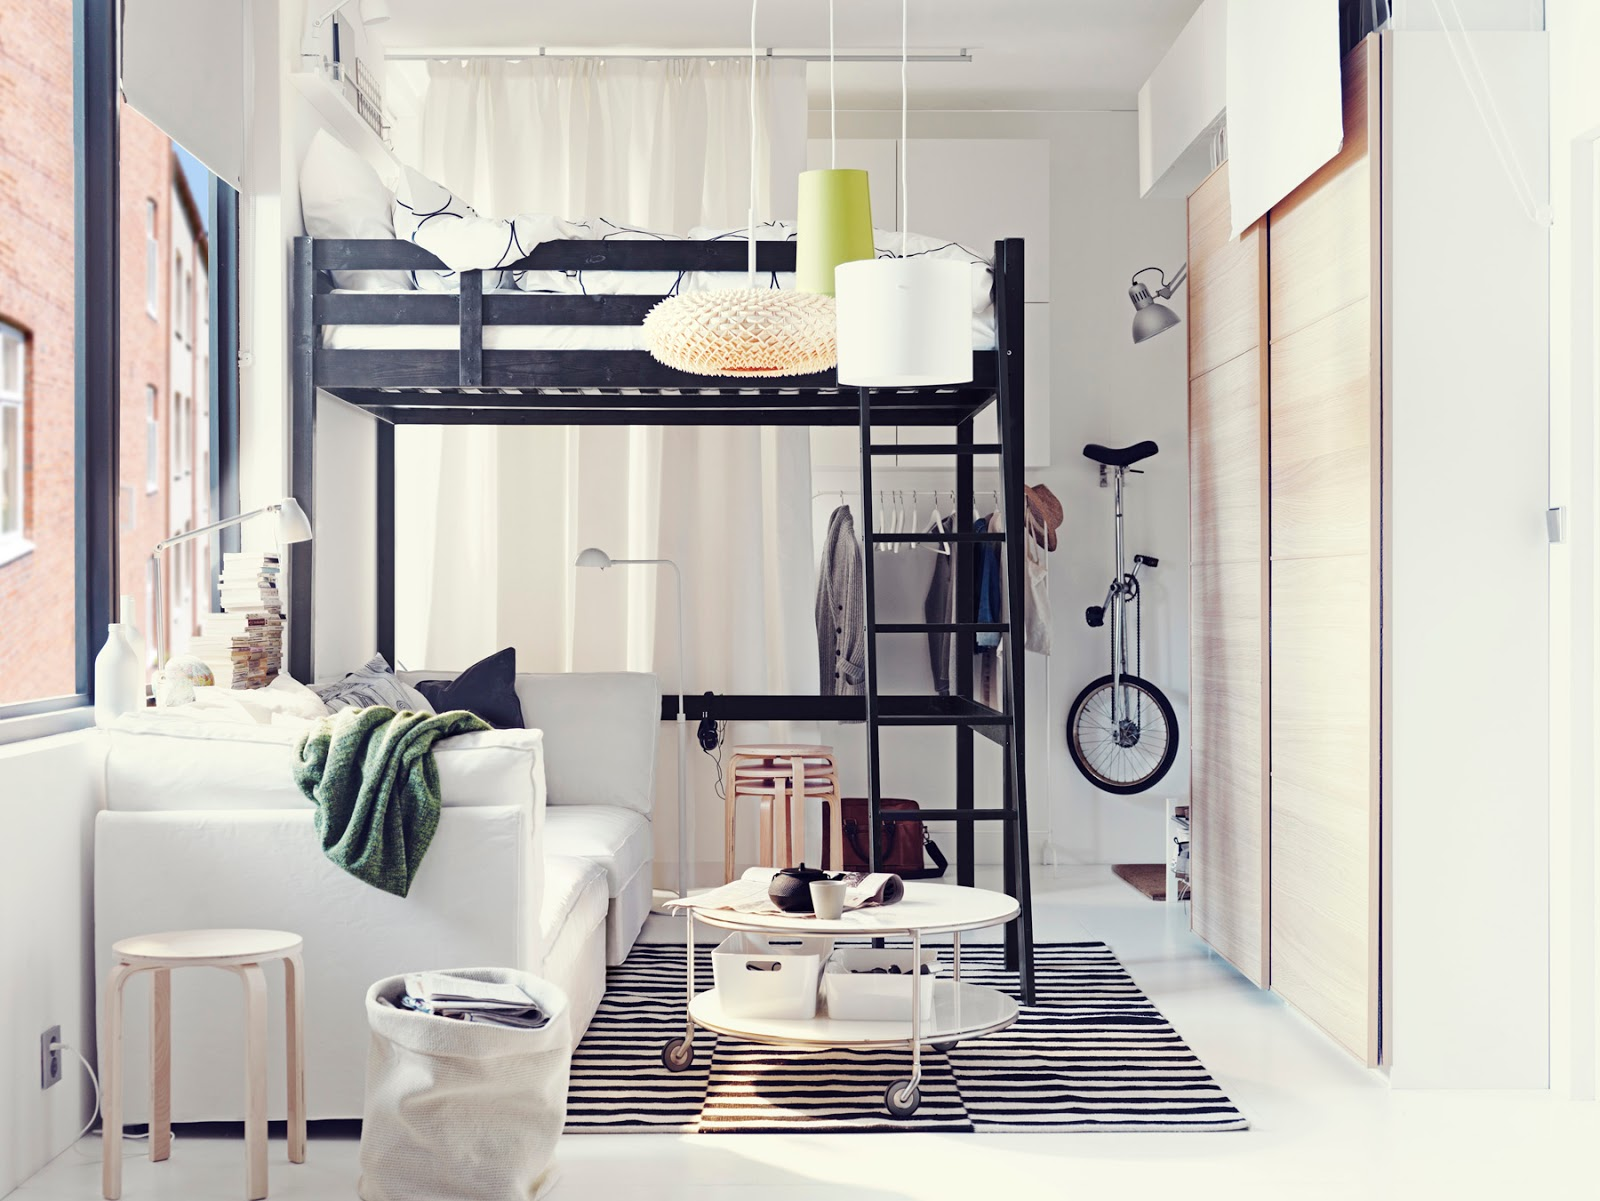 Dormitorios juveniles para espacio pequeño  Dormitorios colores y